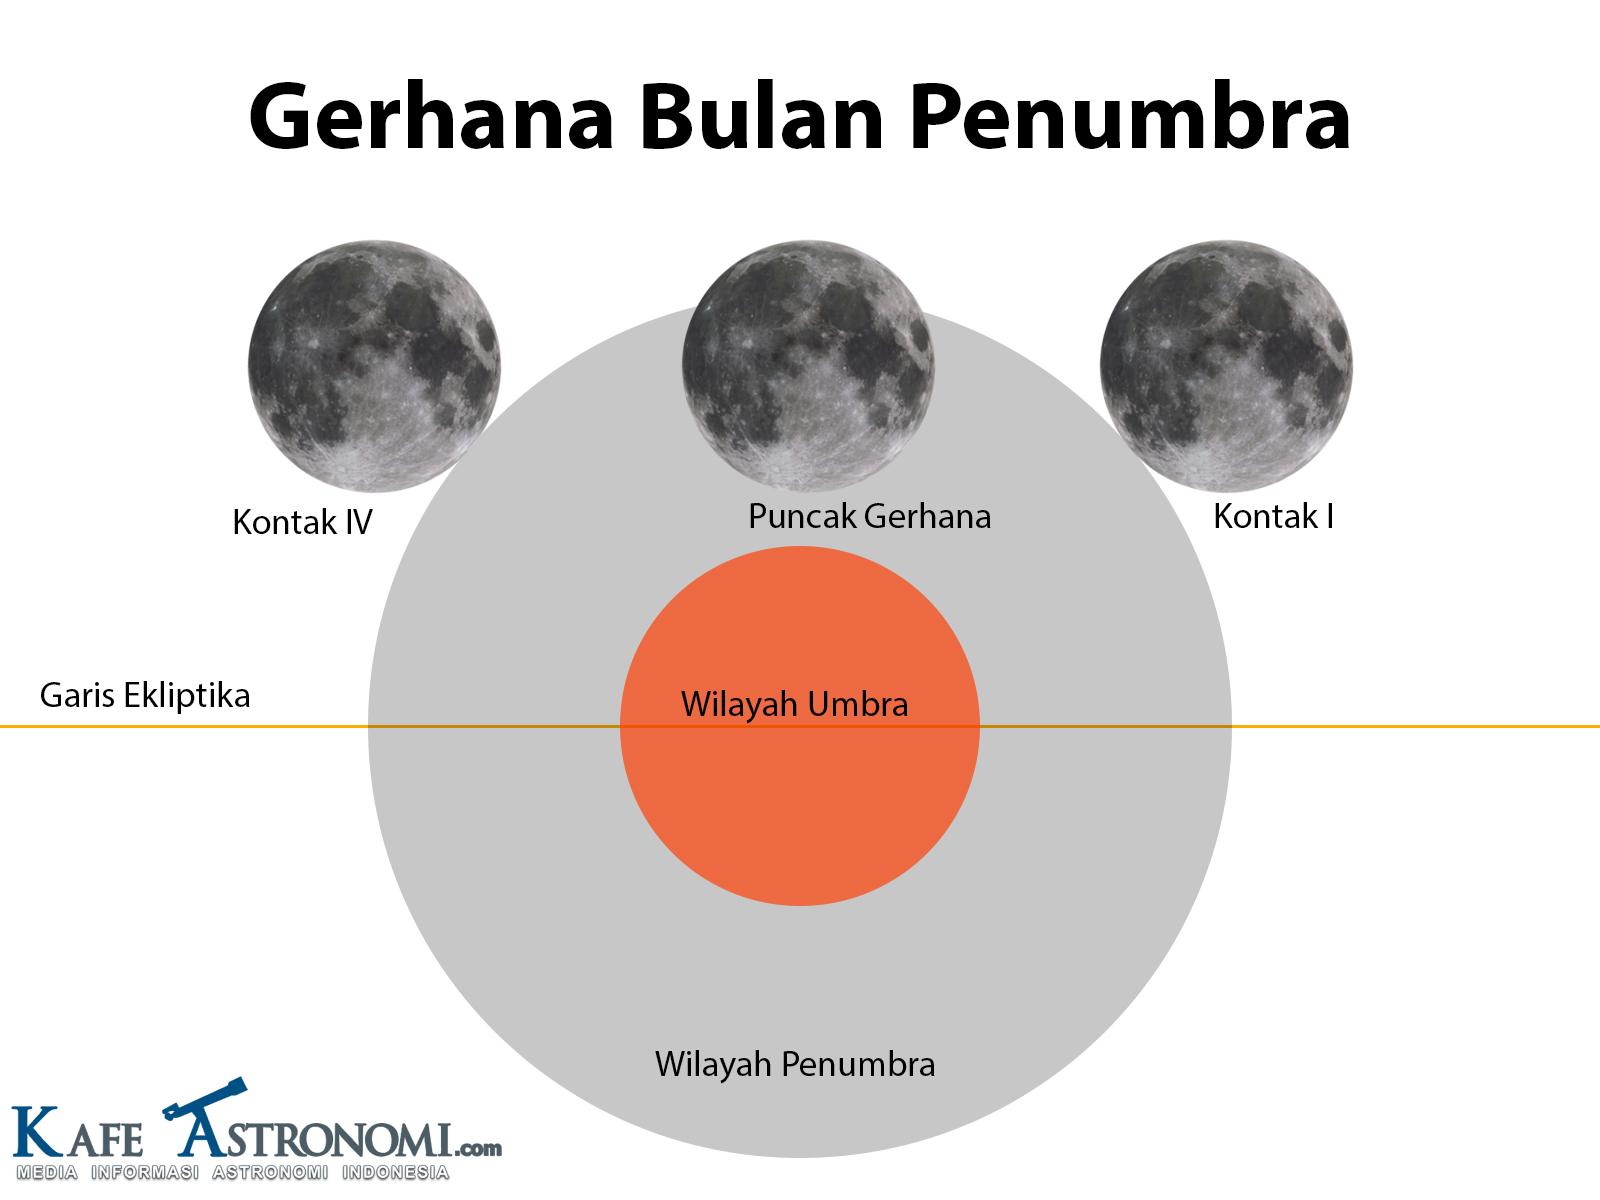 Skema Bulan memasuki wilayah gelap kabur atau wilayah penumbra. Kredit : KafeAstronomi.com